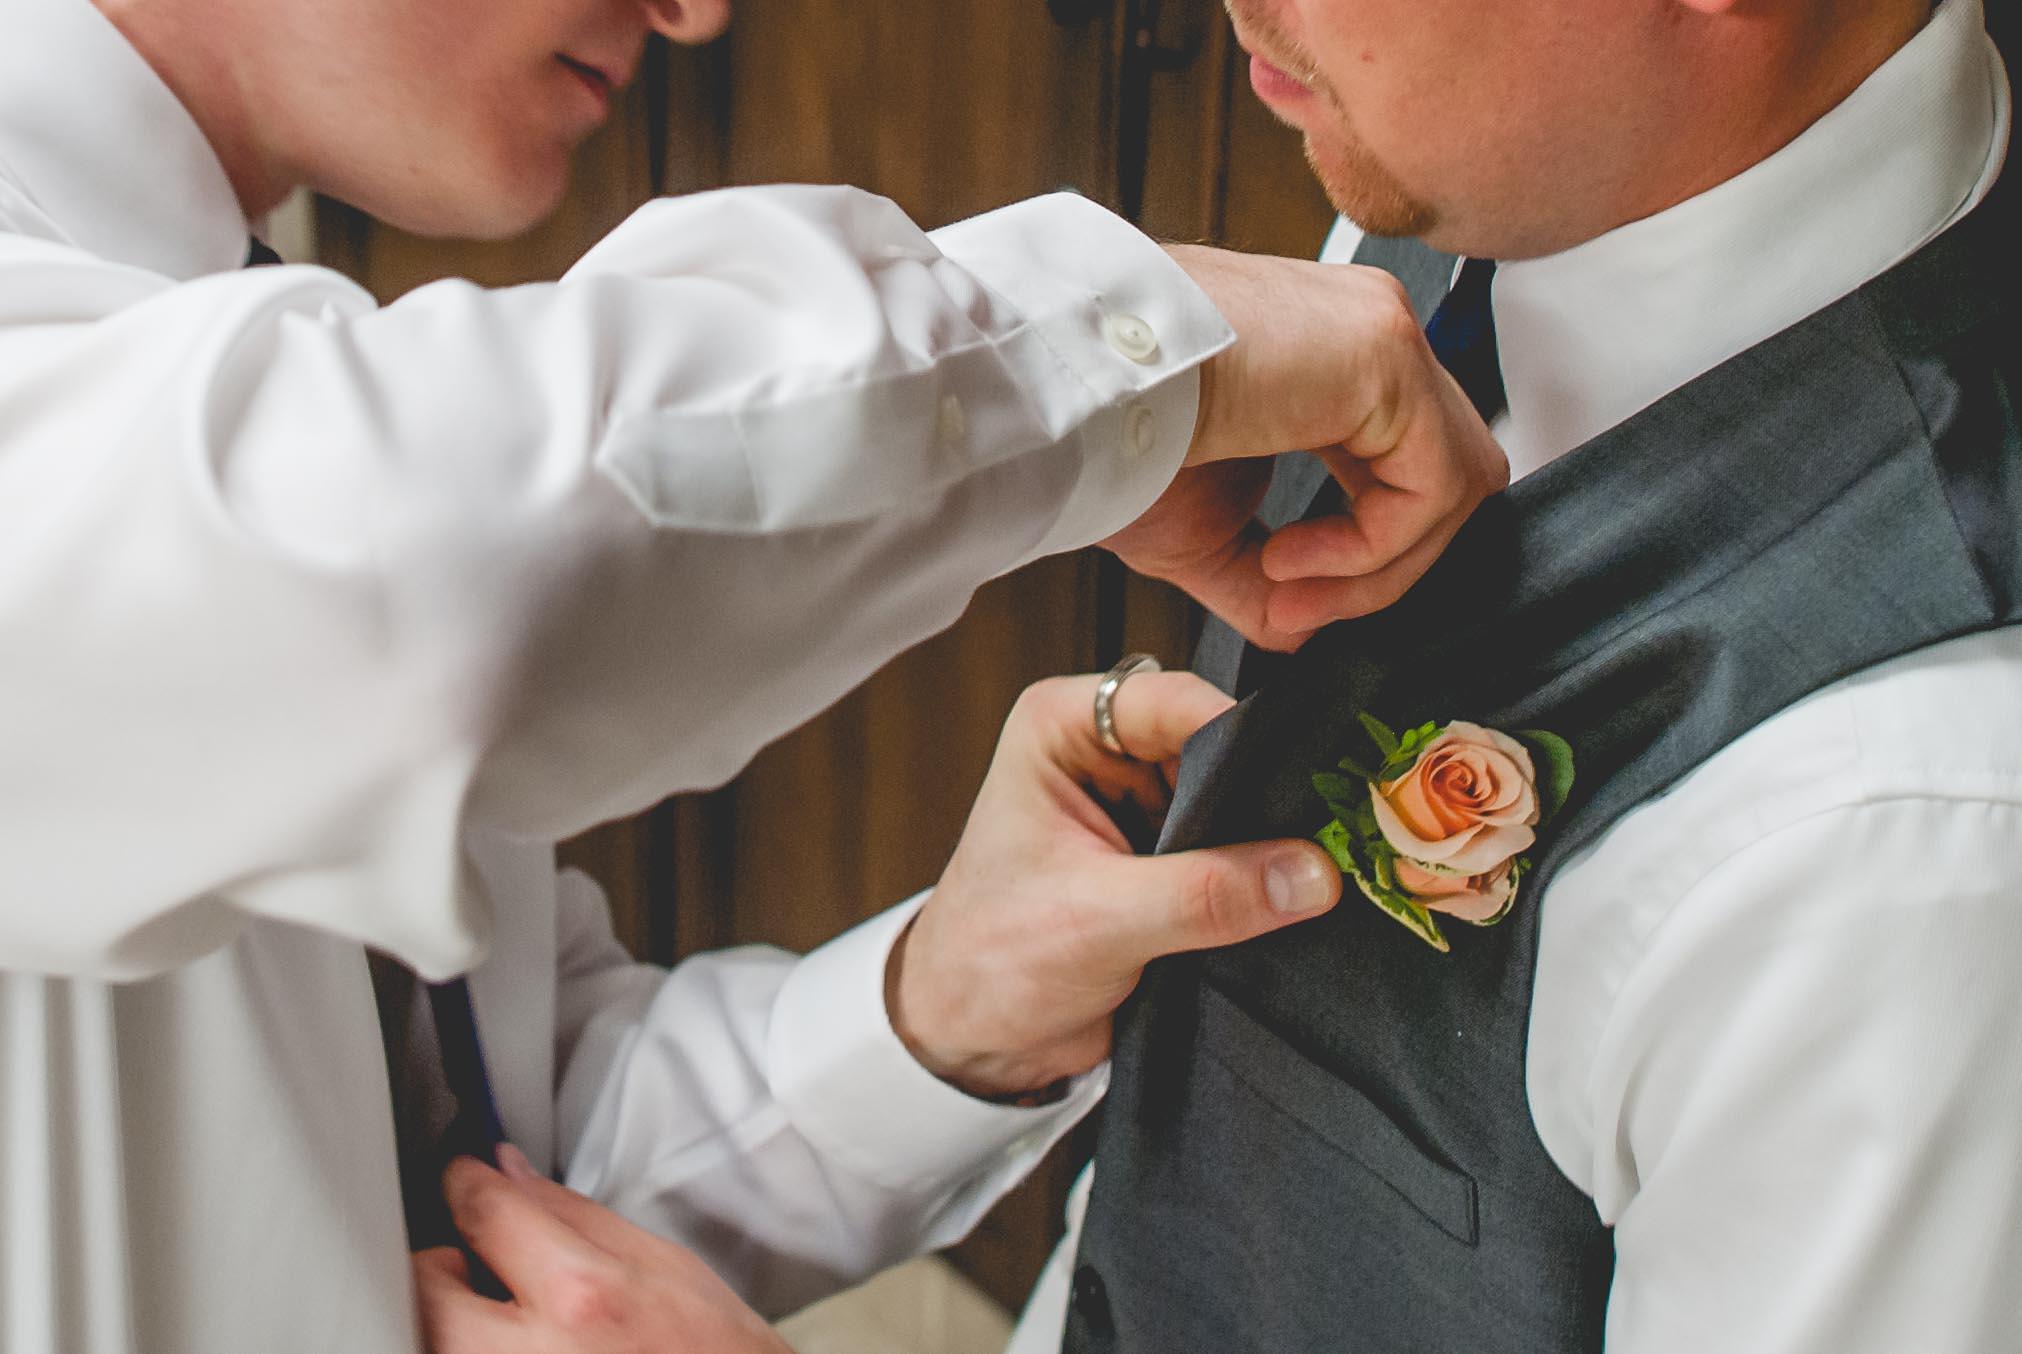 sarasutterphotography_wedding_drewanderin_2015-369.jpg